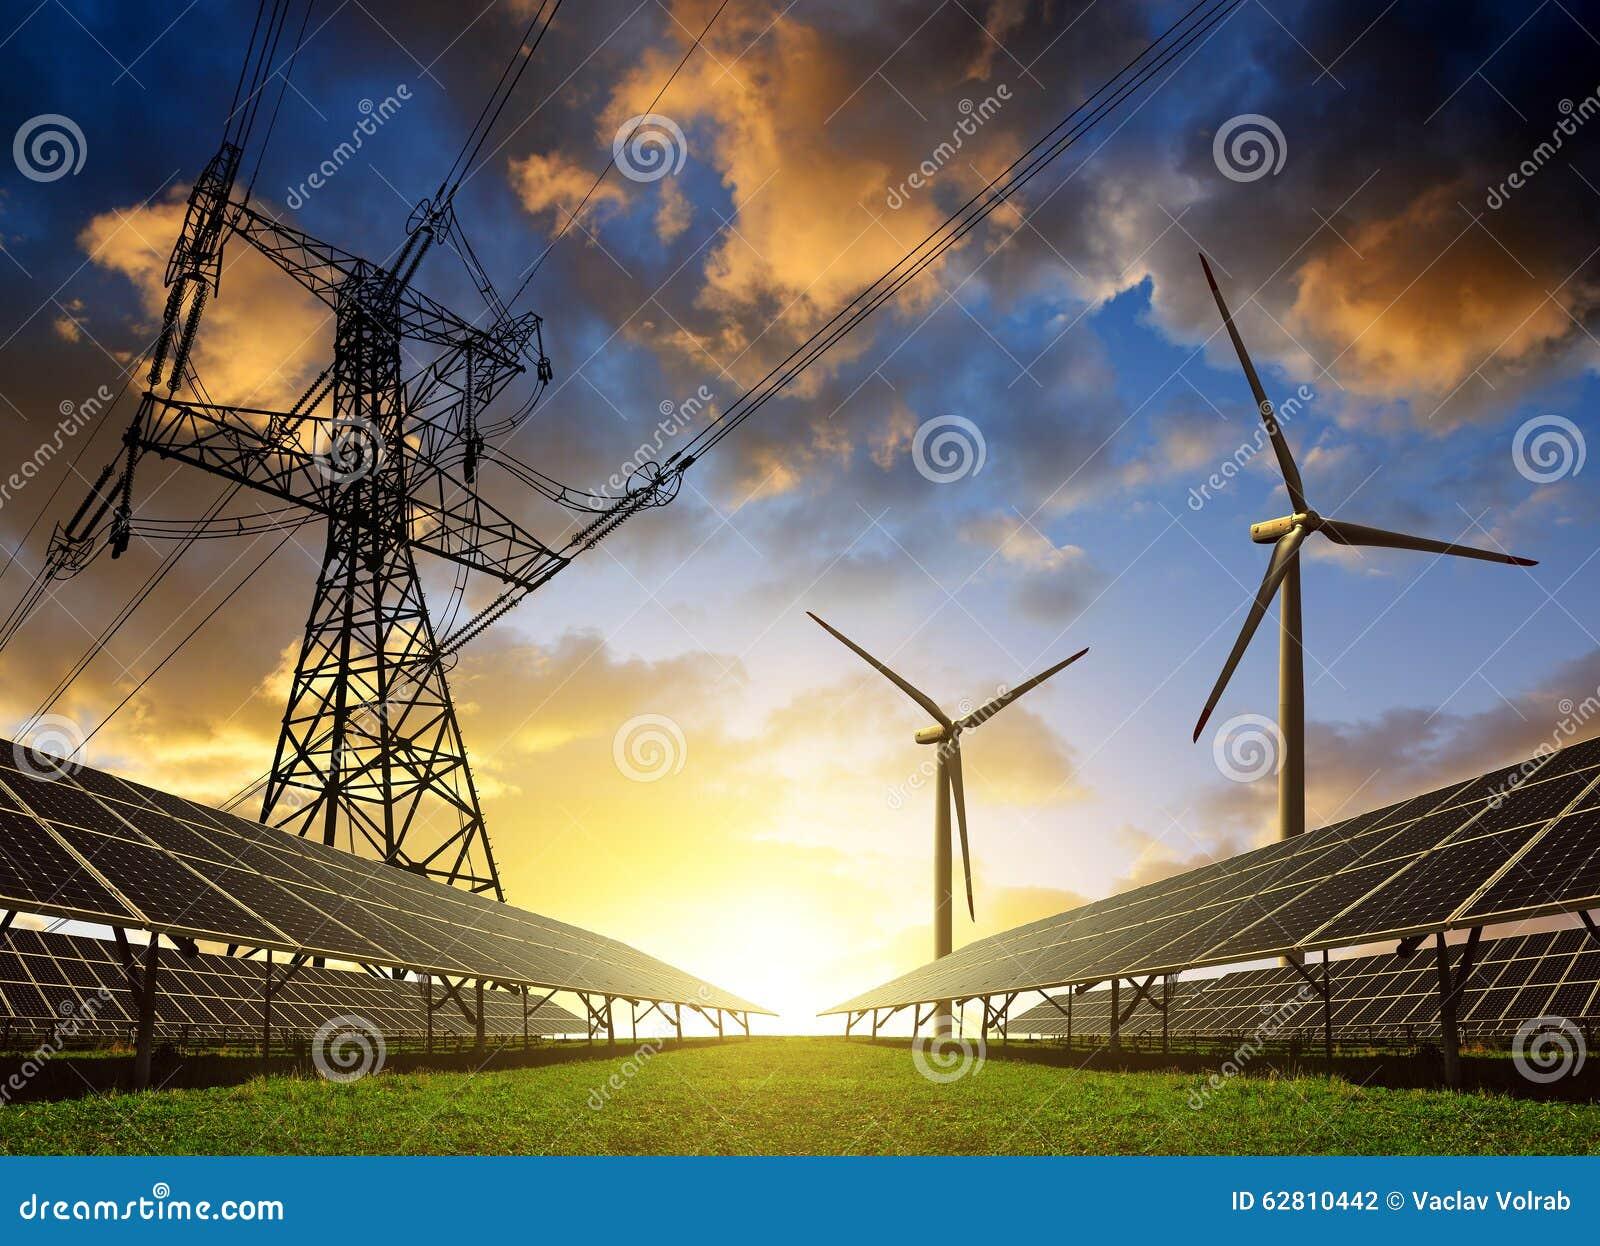 Zonnepanelen met windturbines en elektriciteitspyloon bij zonsondergang